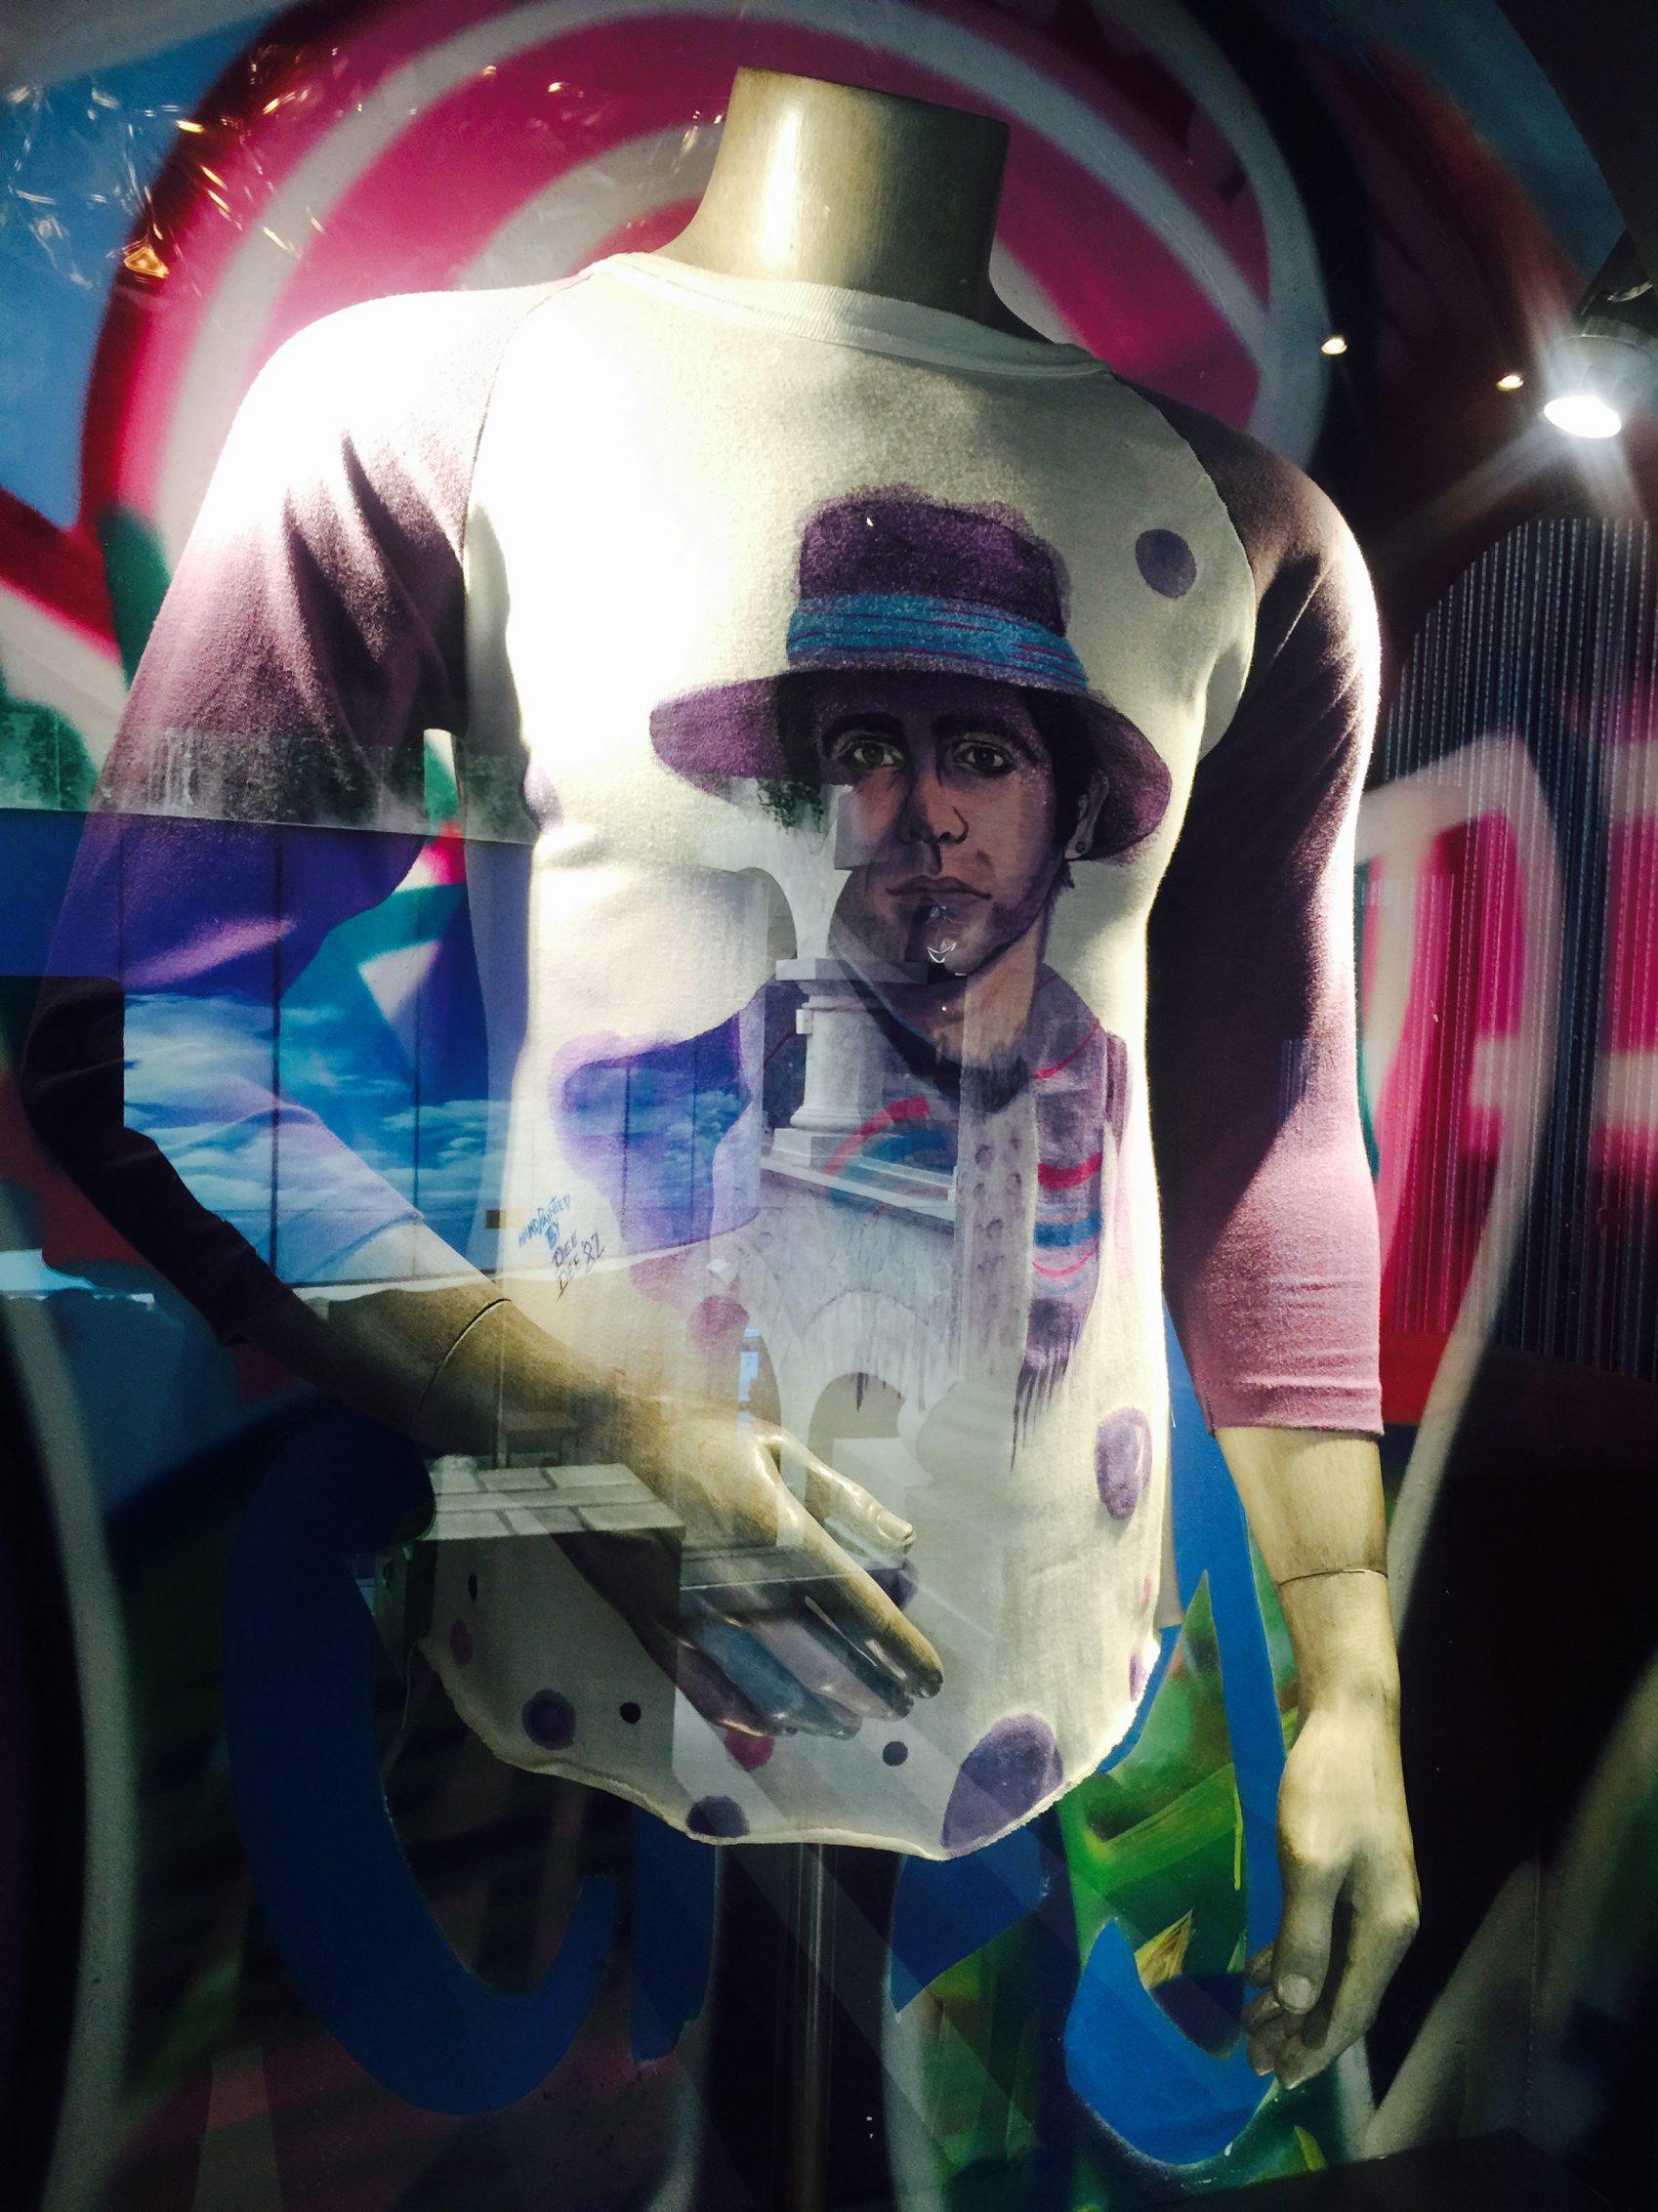 60627174. Playa del Carmen, QRoo., 27 Jun. 2016 (Notimex-Armando Pereda).- Más de 350 piezas y artículos que pertenecieron a Elvis Presley, Madonna, Prince, The Beatles, Elton John, Slash, Shakira, Fergie, Will.i.am y más celebridades, conforman la memorabilia del Hard Rock Hotel de la Riviera Maya. NOTIMEX/FOTO/ARMANDO PEREDA/COR/ACE/